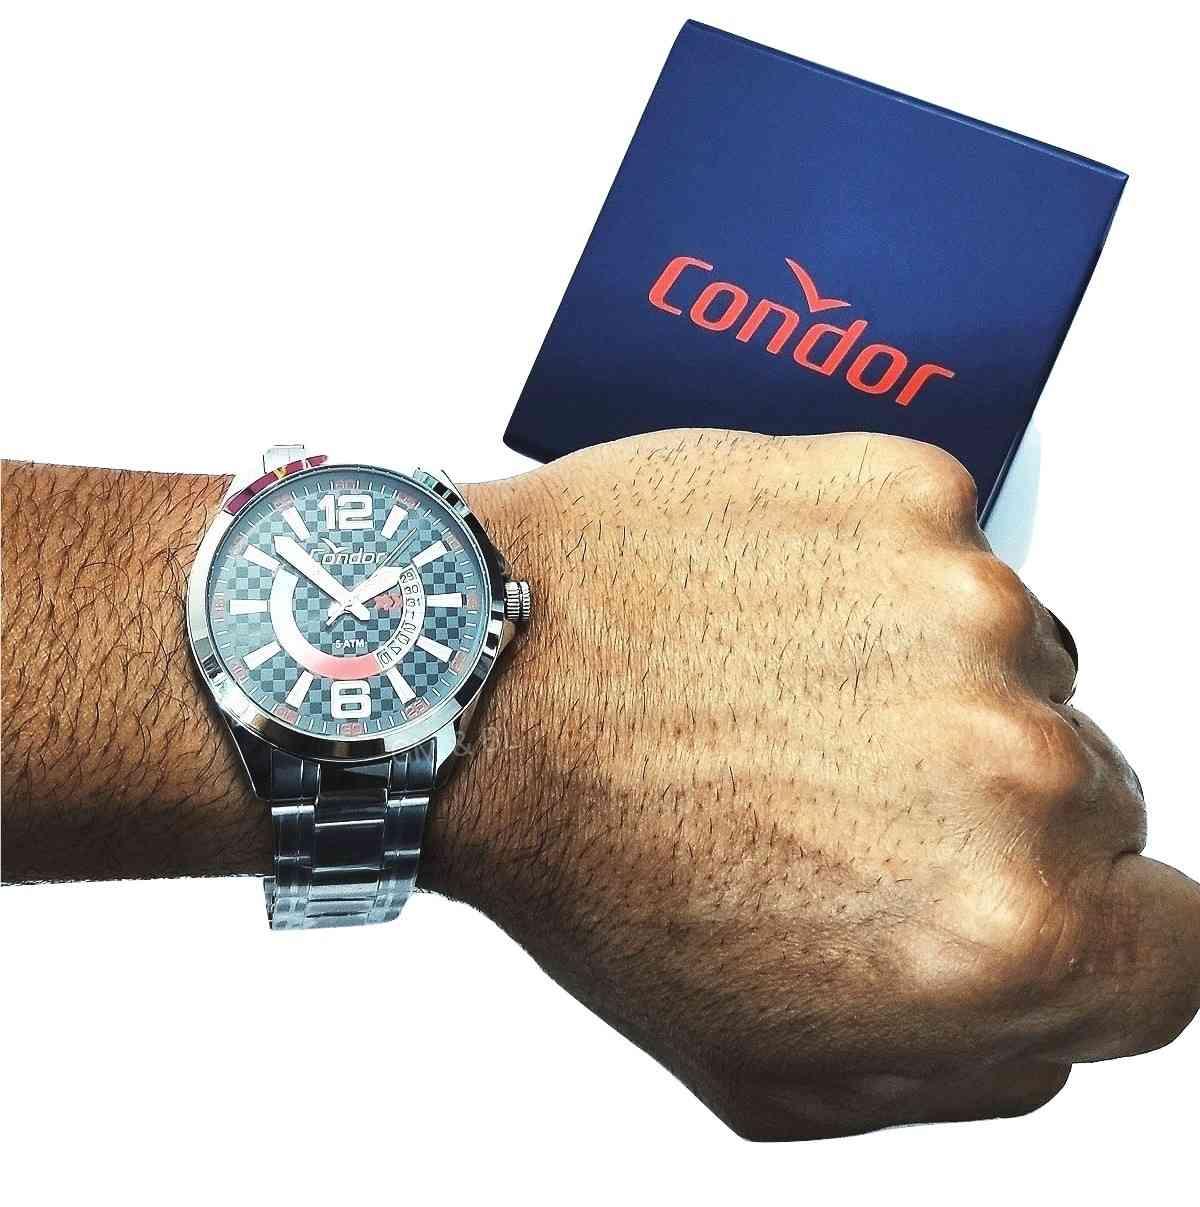 Relógio Condor Masculino Prateado Calendário CO2115VB/3B